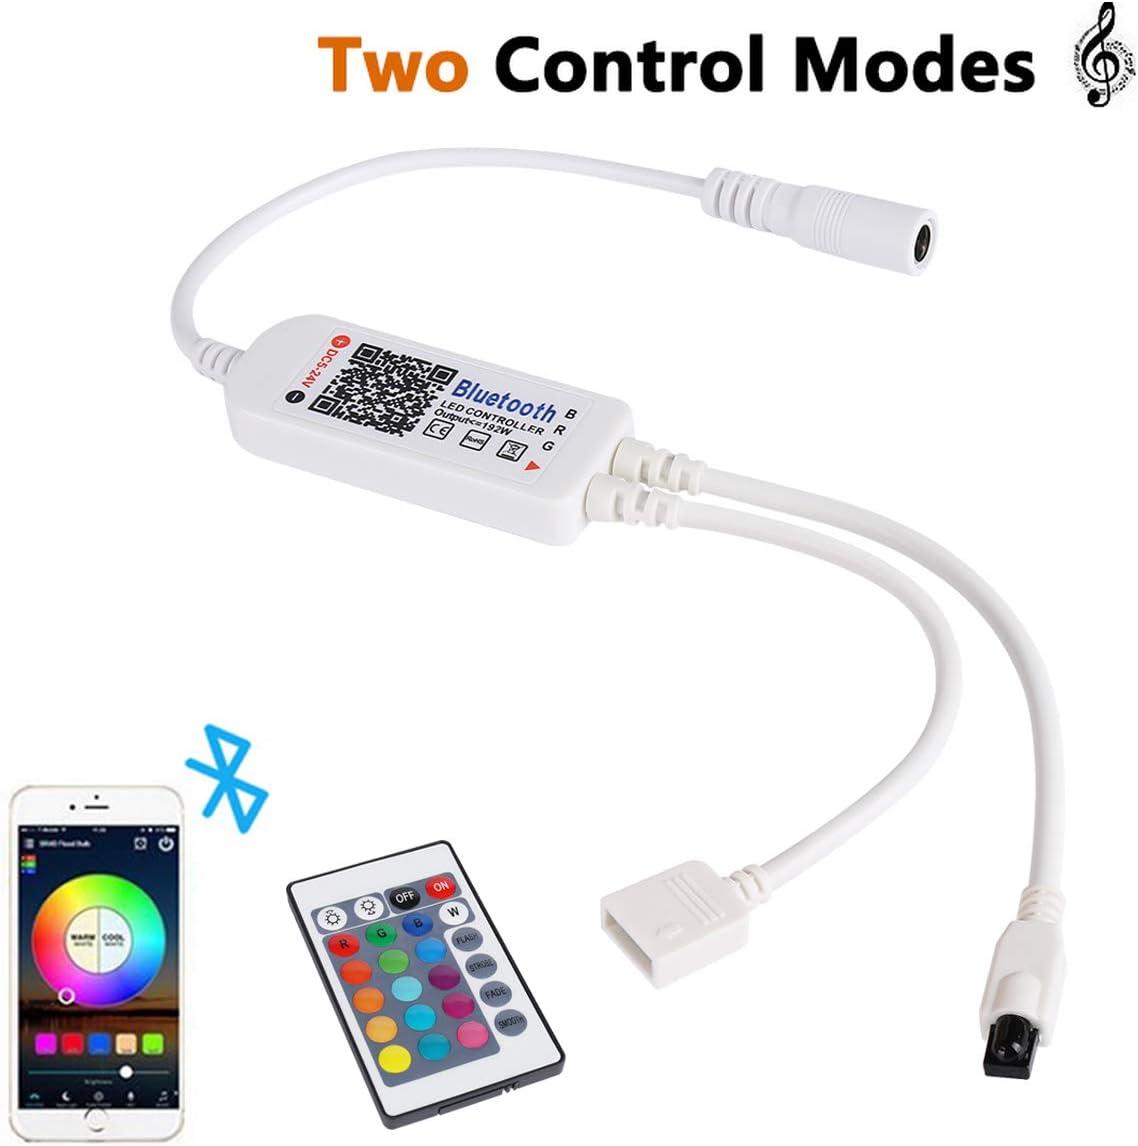 Controlador Bluetooth para Tira de Luz LED, ALED LIGHT Control Inteligente Controlador Inalámbrico Bluetooth Tiras Luces LED con 24 Teclas Control Remoto IR para Luces de Banda RGB